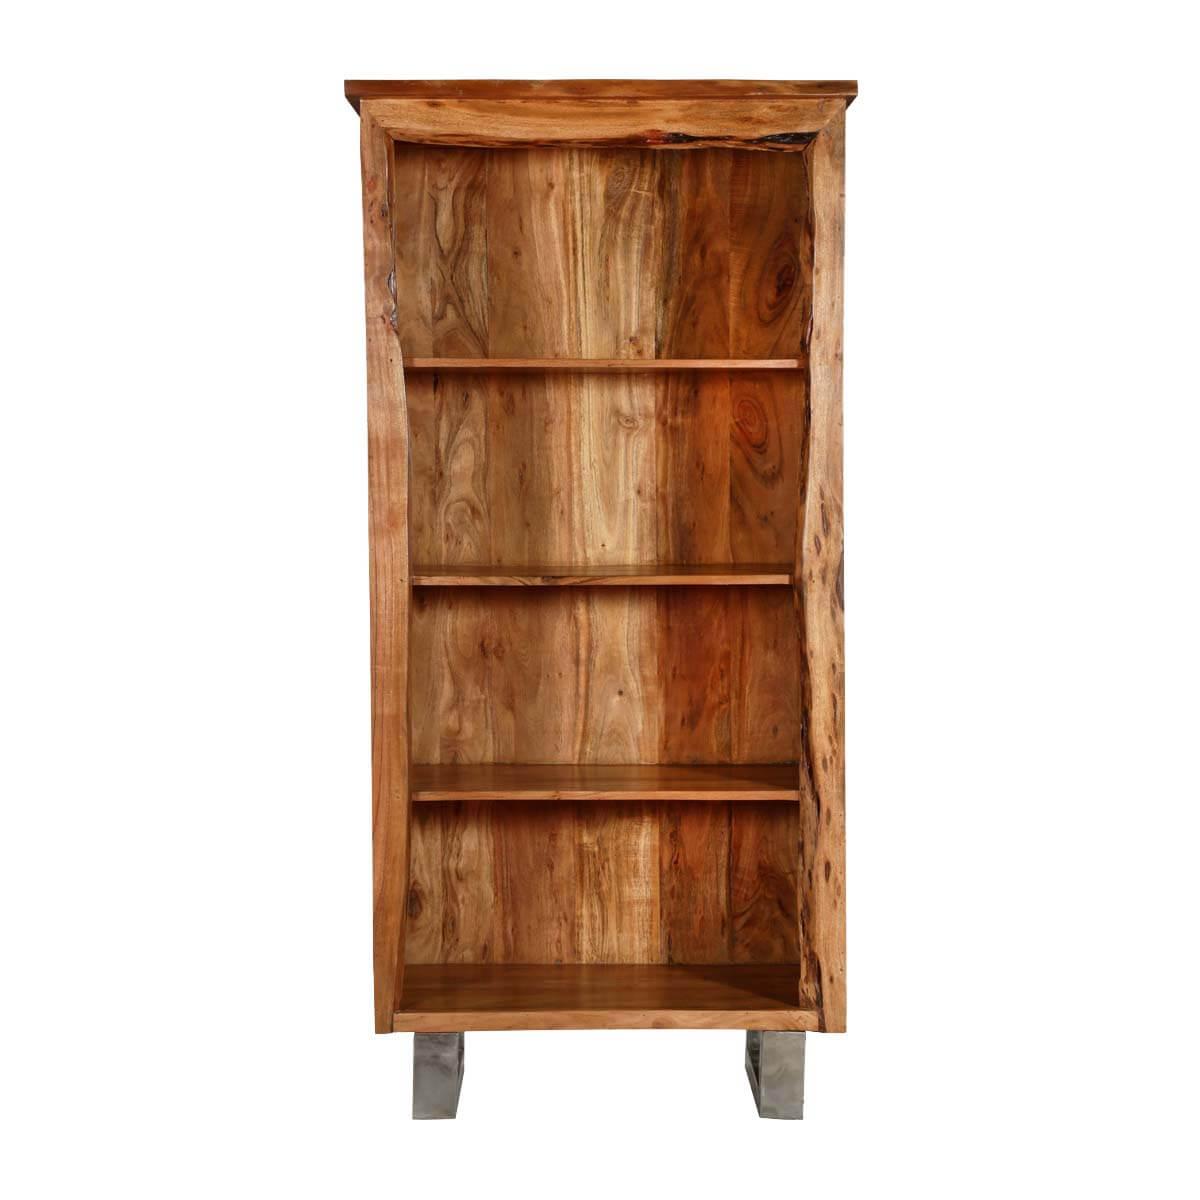 Natural Edge Modern Acacia Wood & Steel Standing 4-Shelf